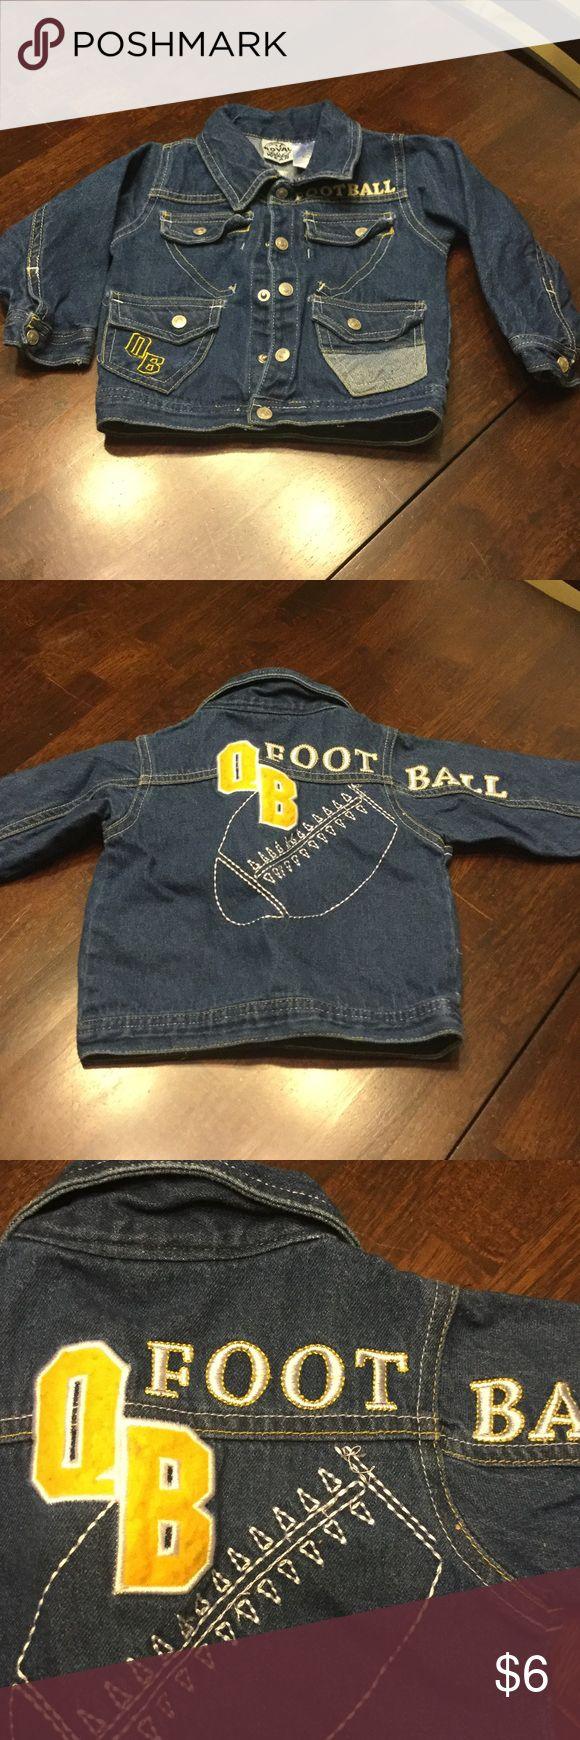 Boys jacket Boys jean football jacket. Great condition Jackets & Coats Jean Jackets